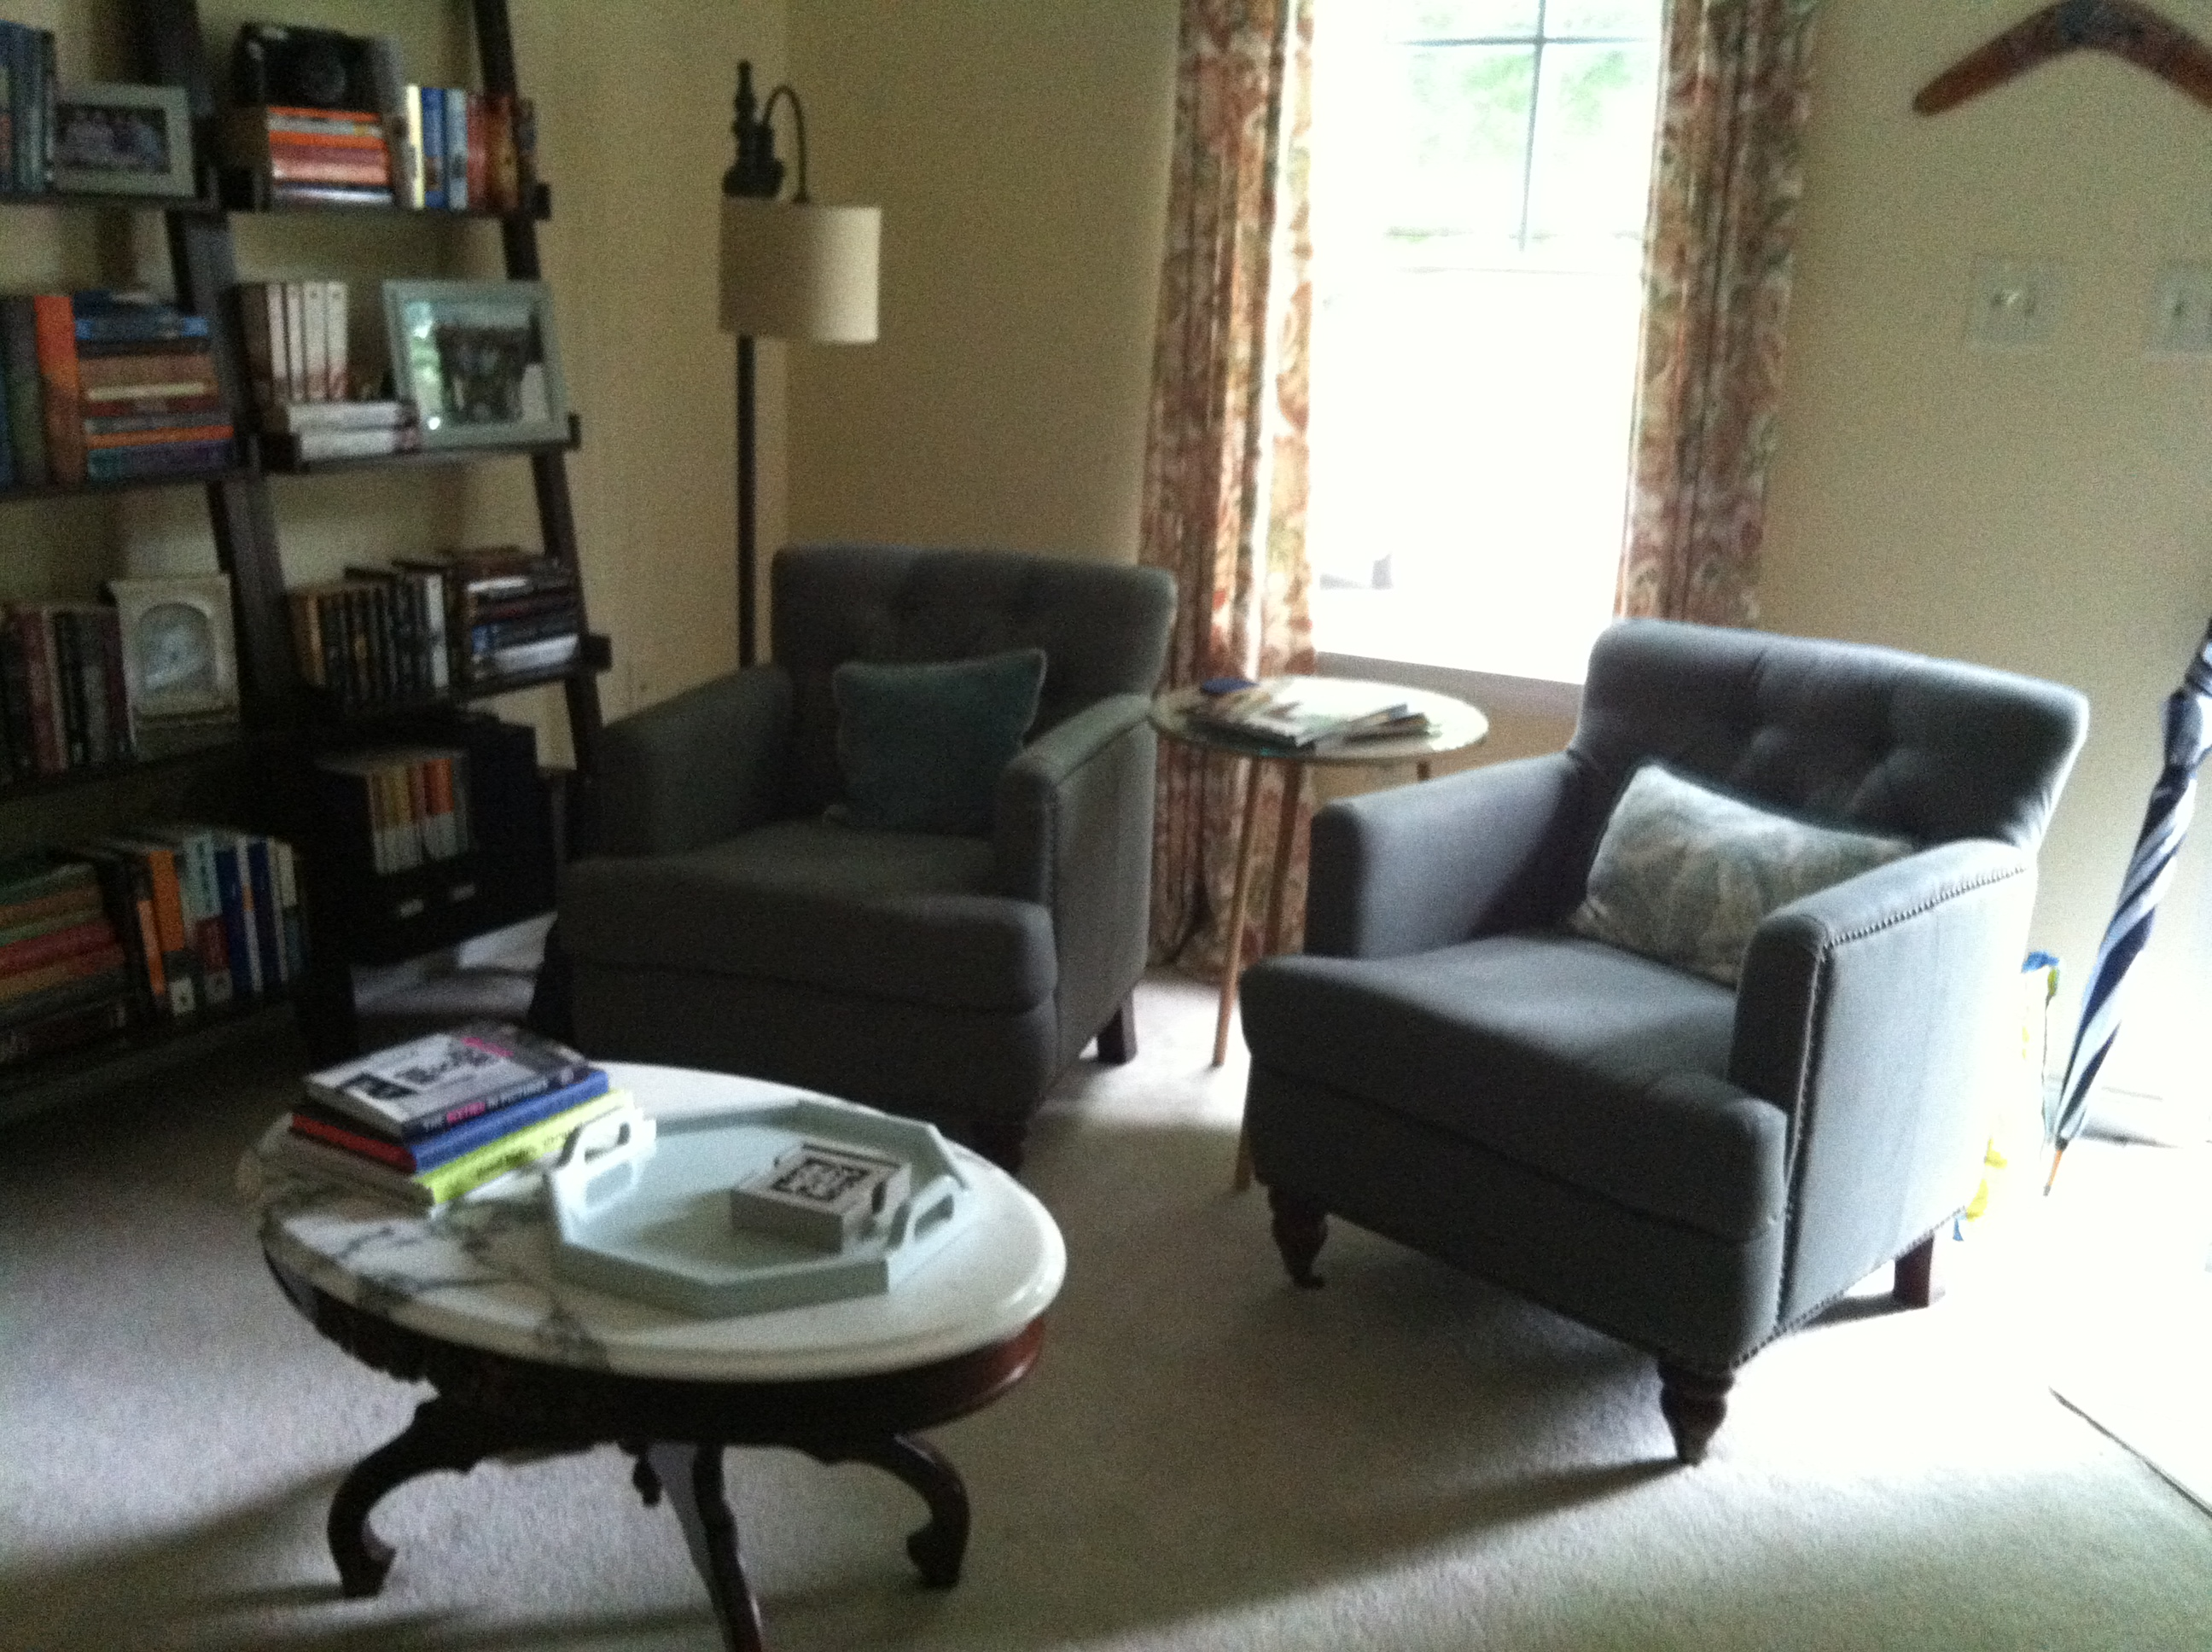 Living Room Set Craigslist August 2013